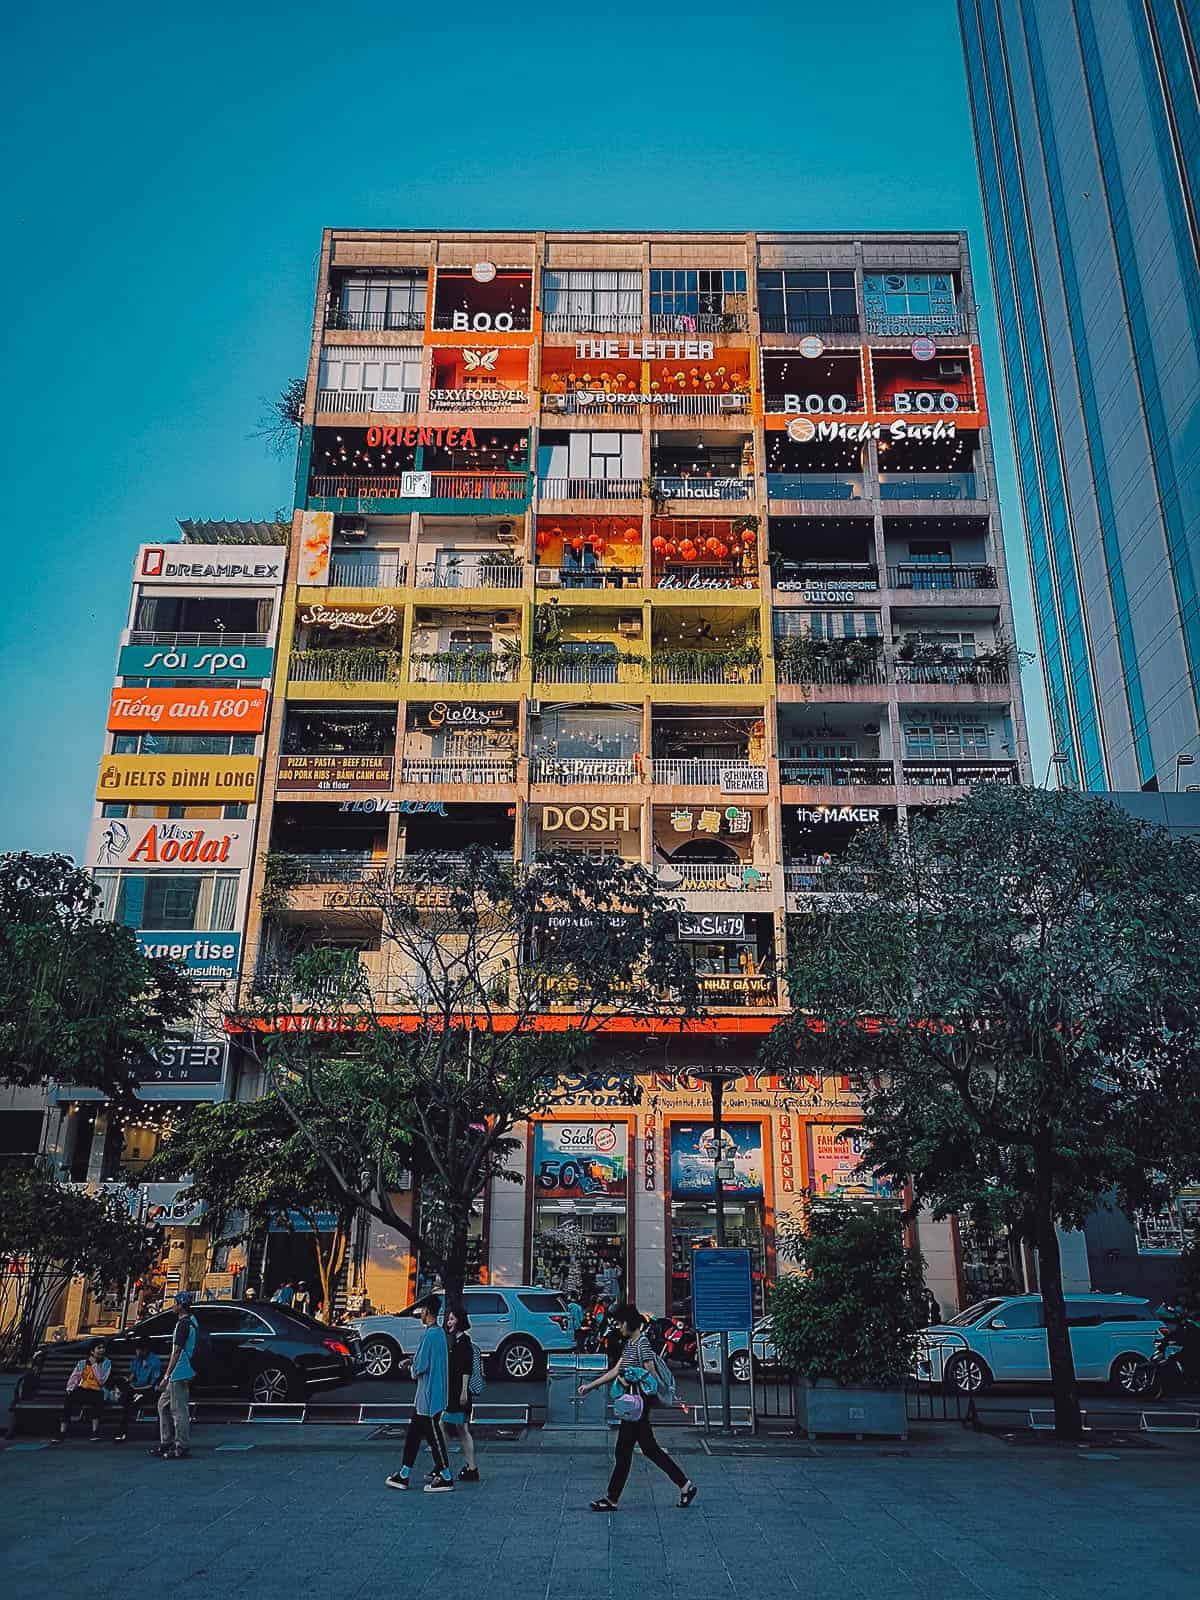 The Cafe Apartments facade